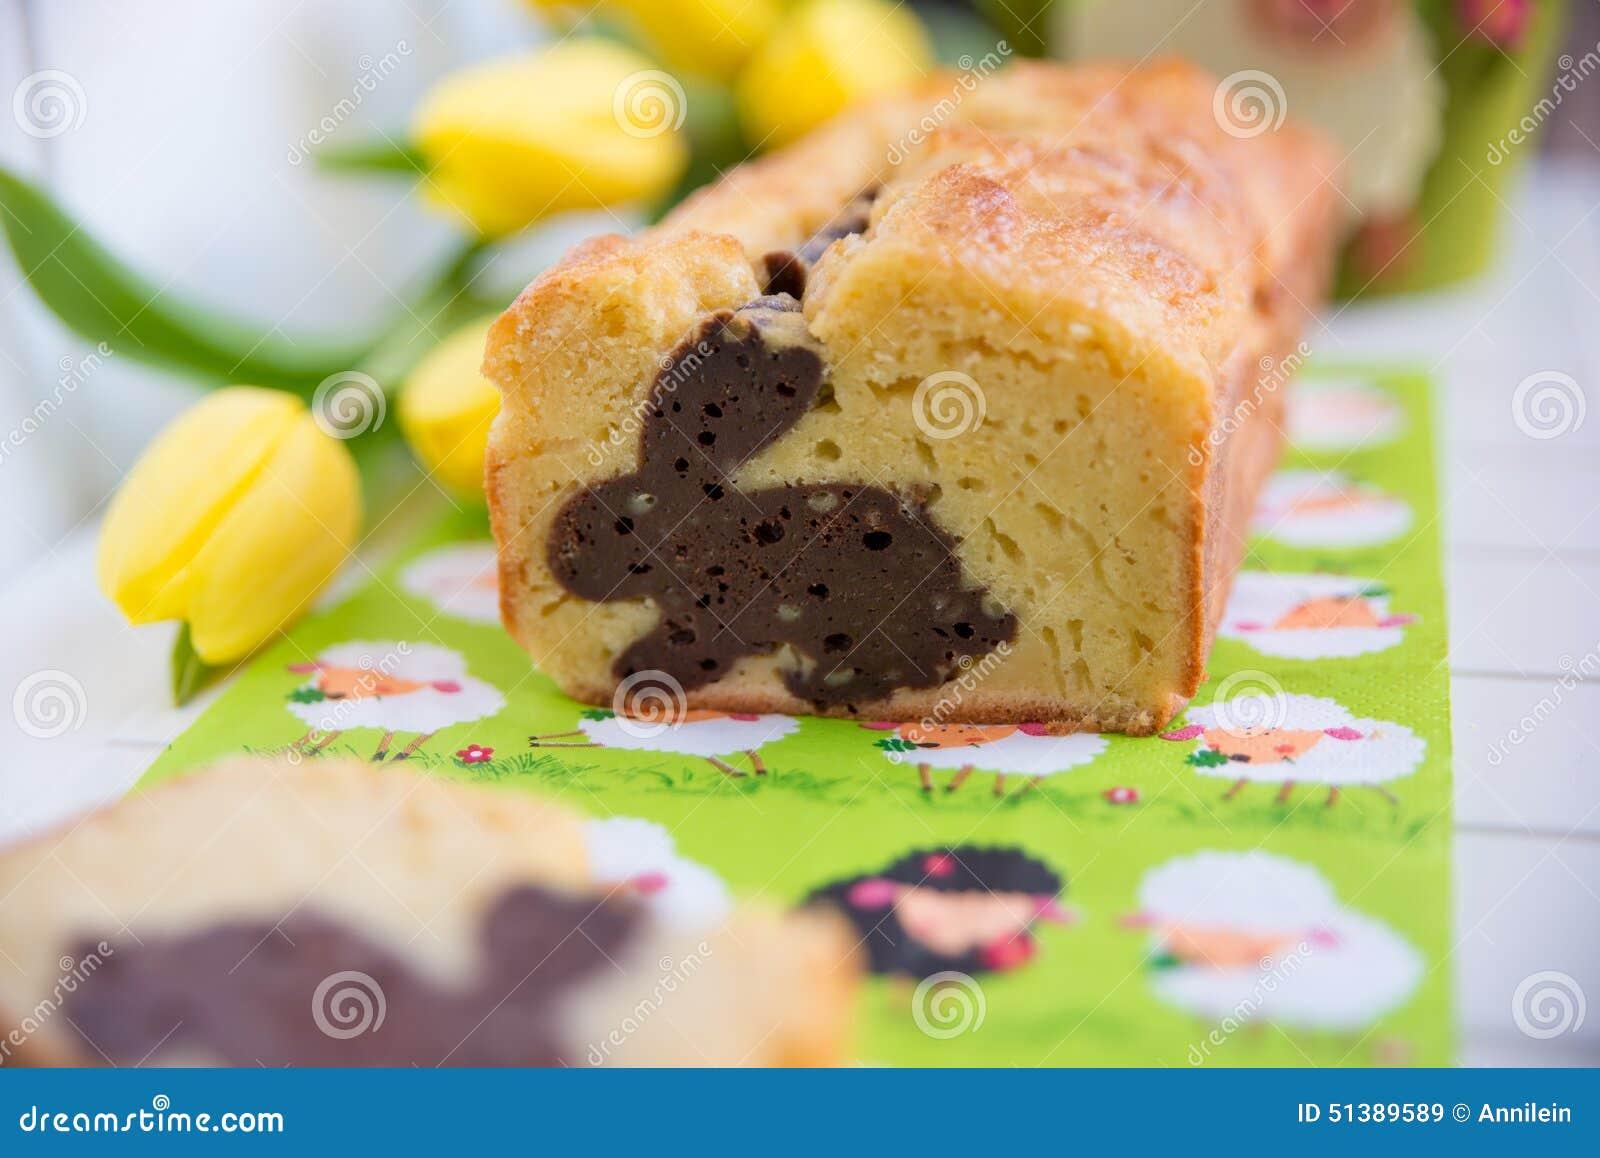 Hemmet gjorde påsken Bunny Cake